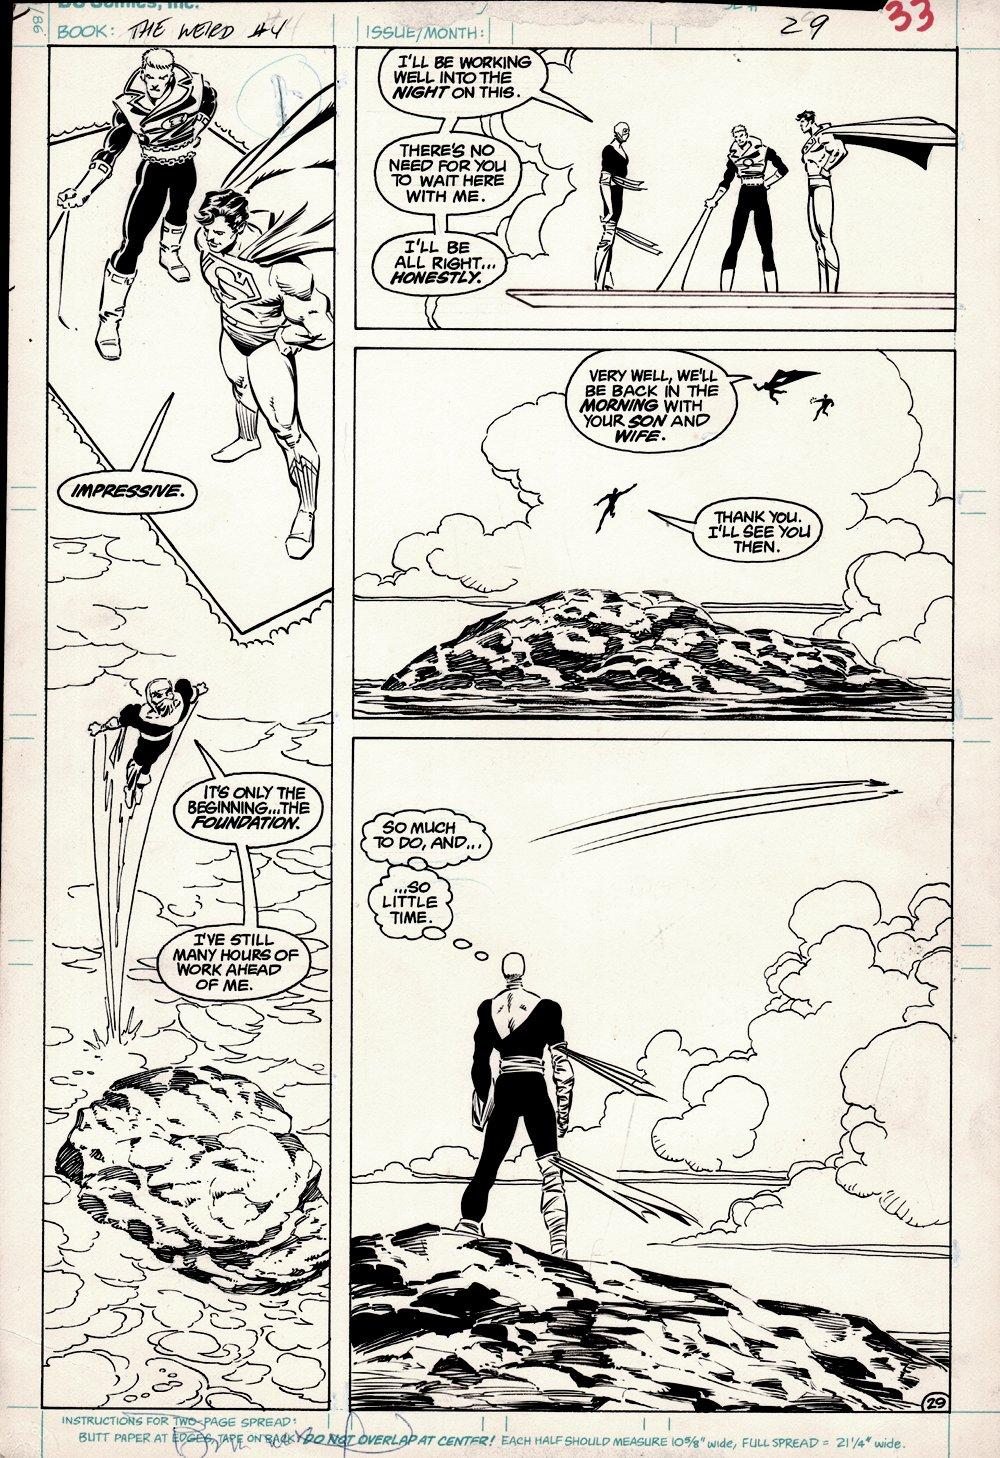 The Weird #4 p 29 (The Weird, Superman, & Guy Gardner!) 1988